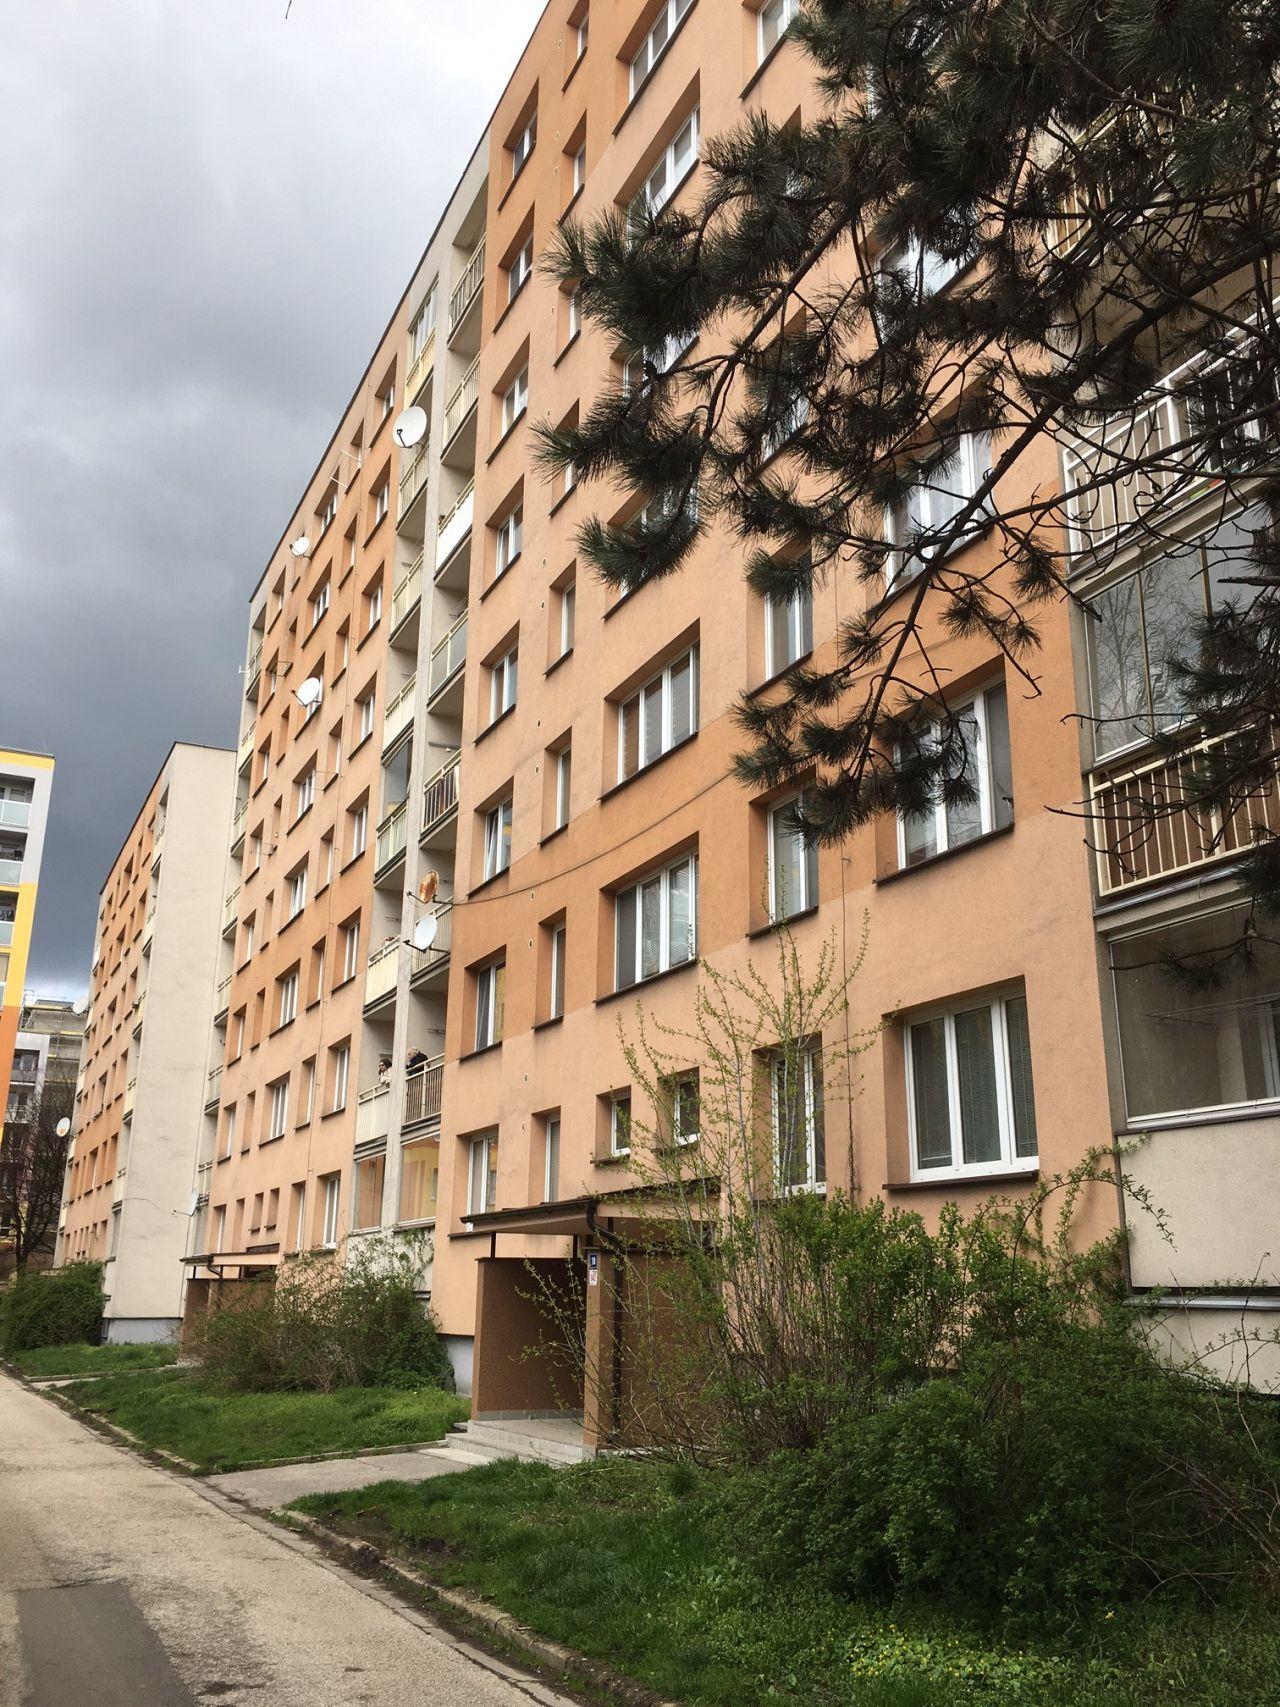 Pronájem bytu 2+1 44 m2, ul. Vlasty Vlasákové 942/10, Ostrava - Bělský Les